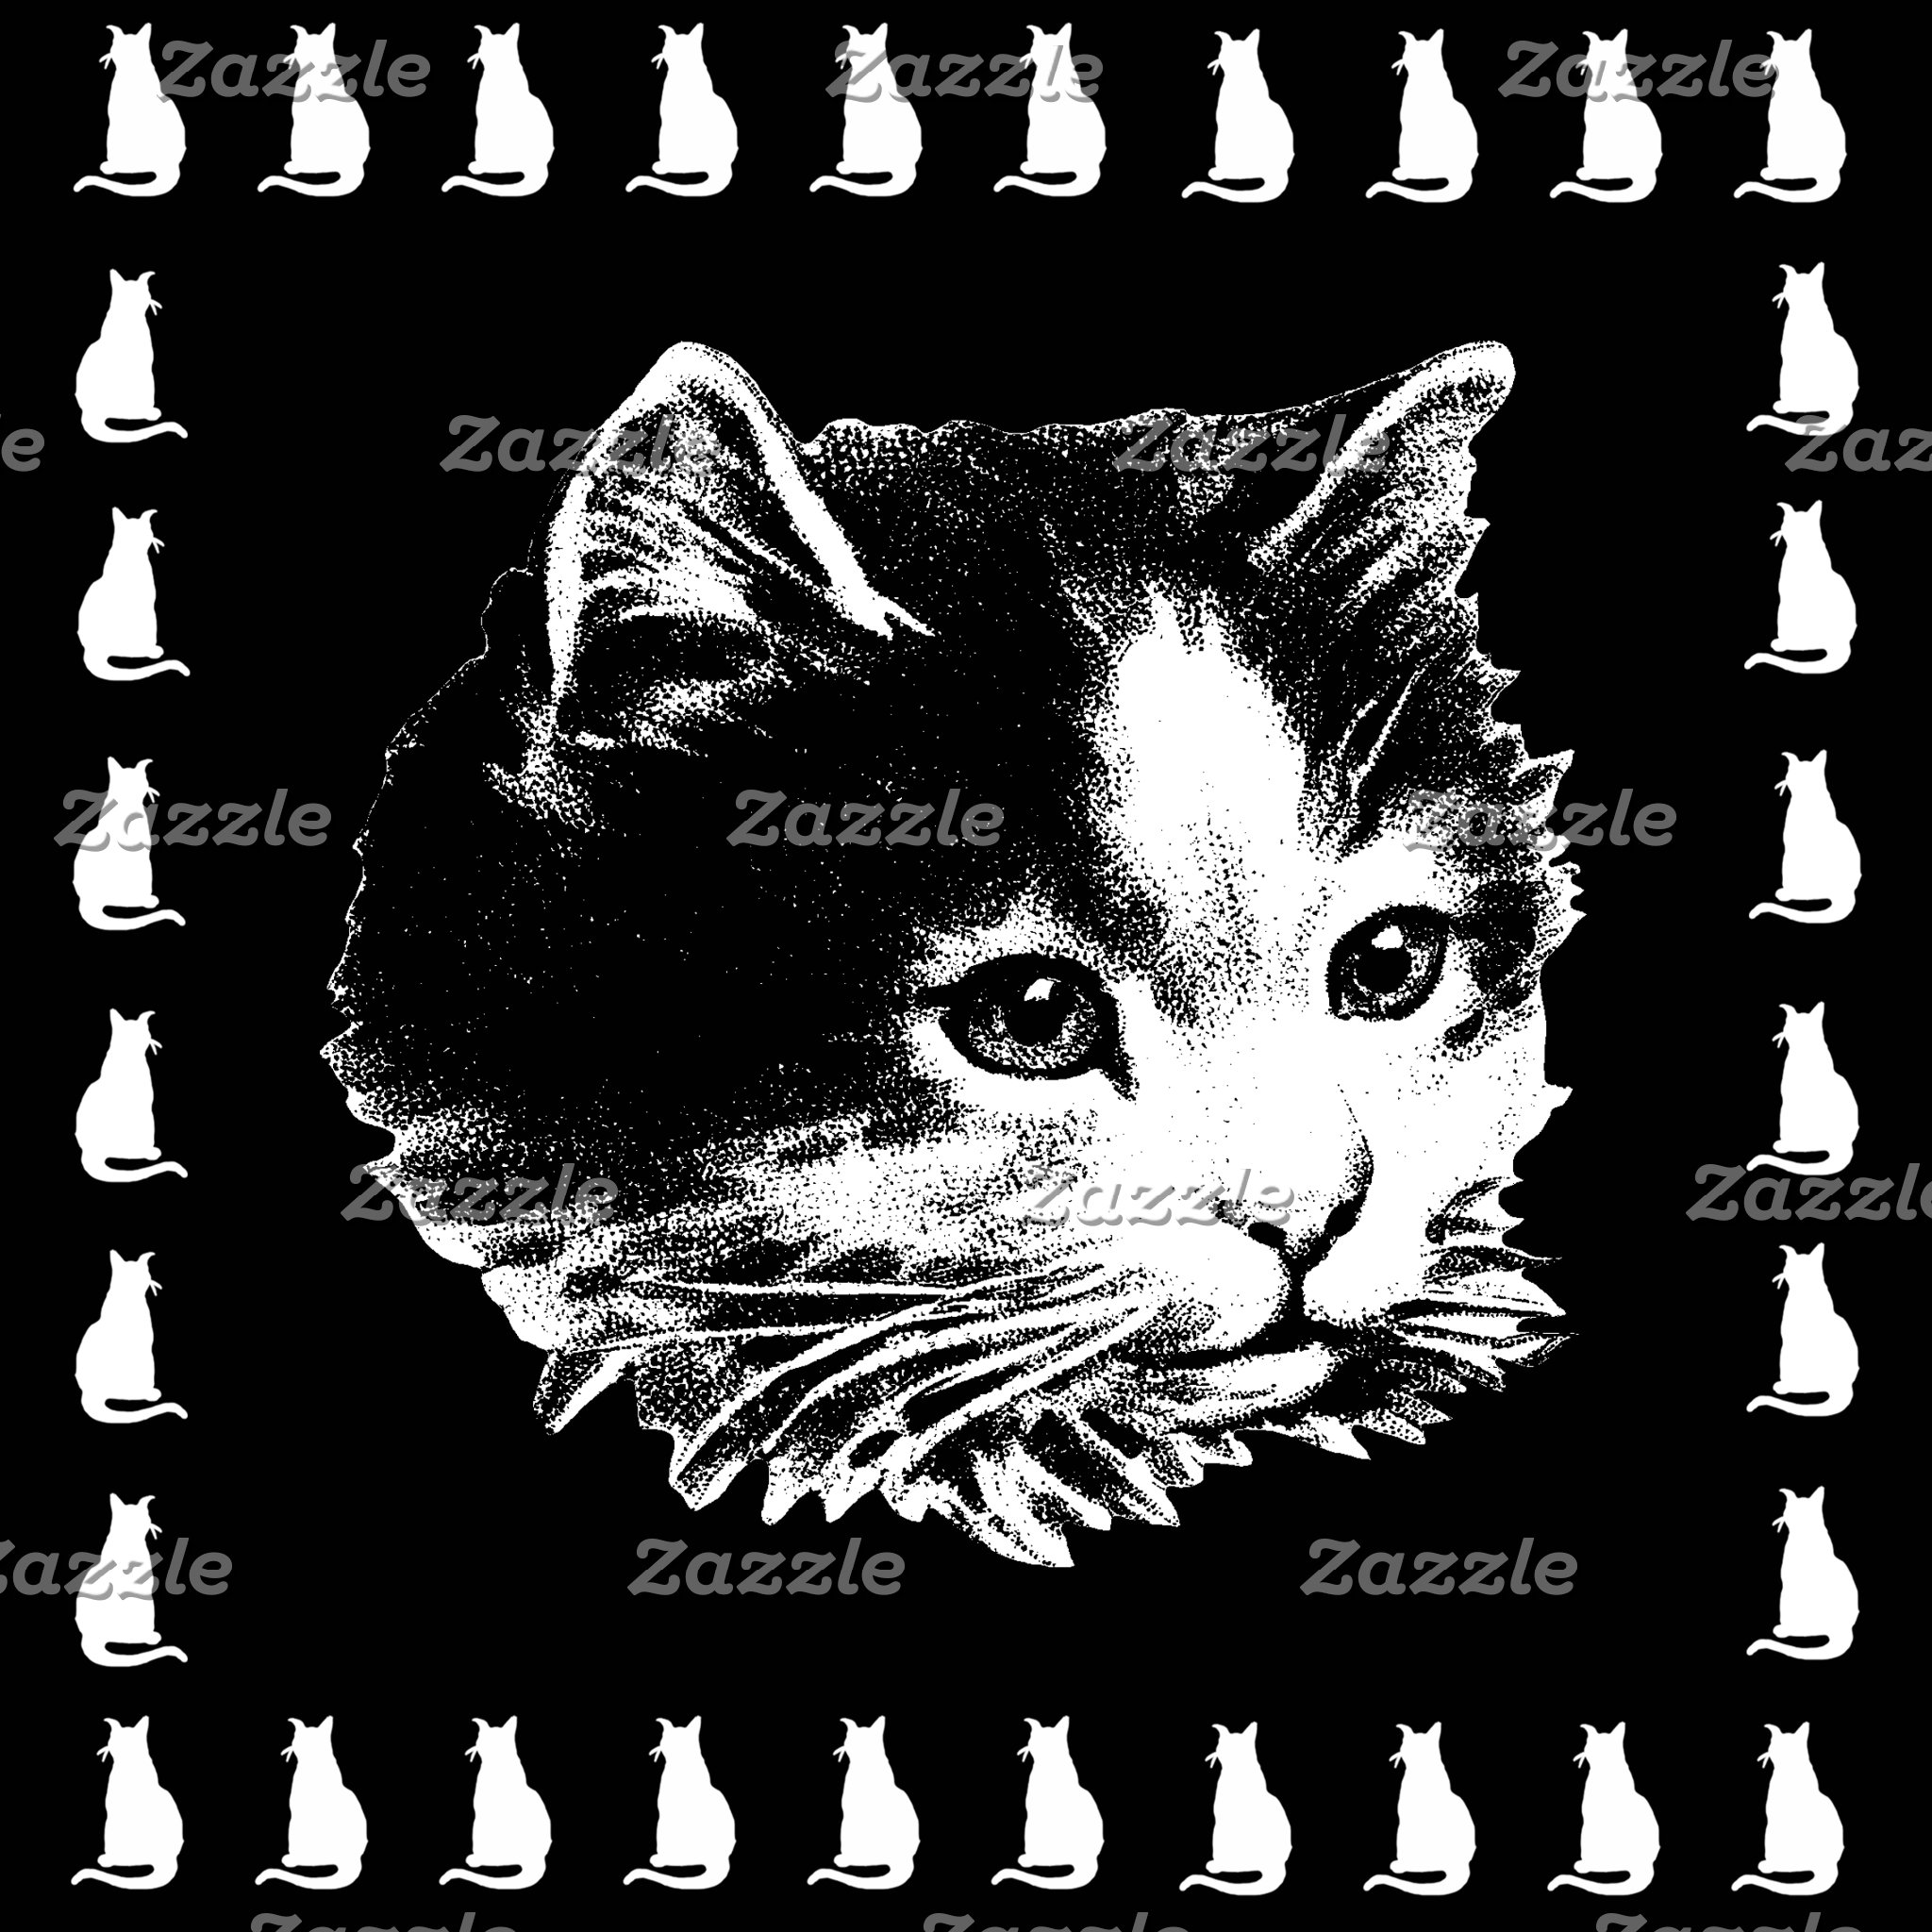 Cat Pillows and Kitten Pillows